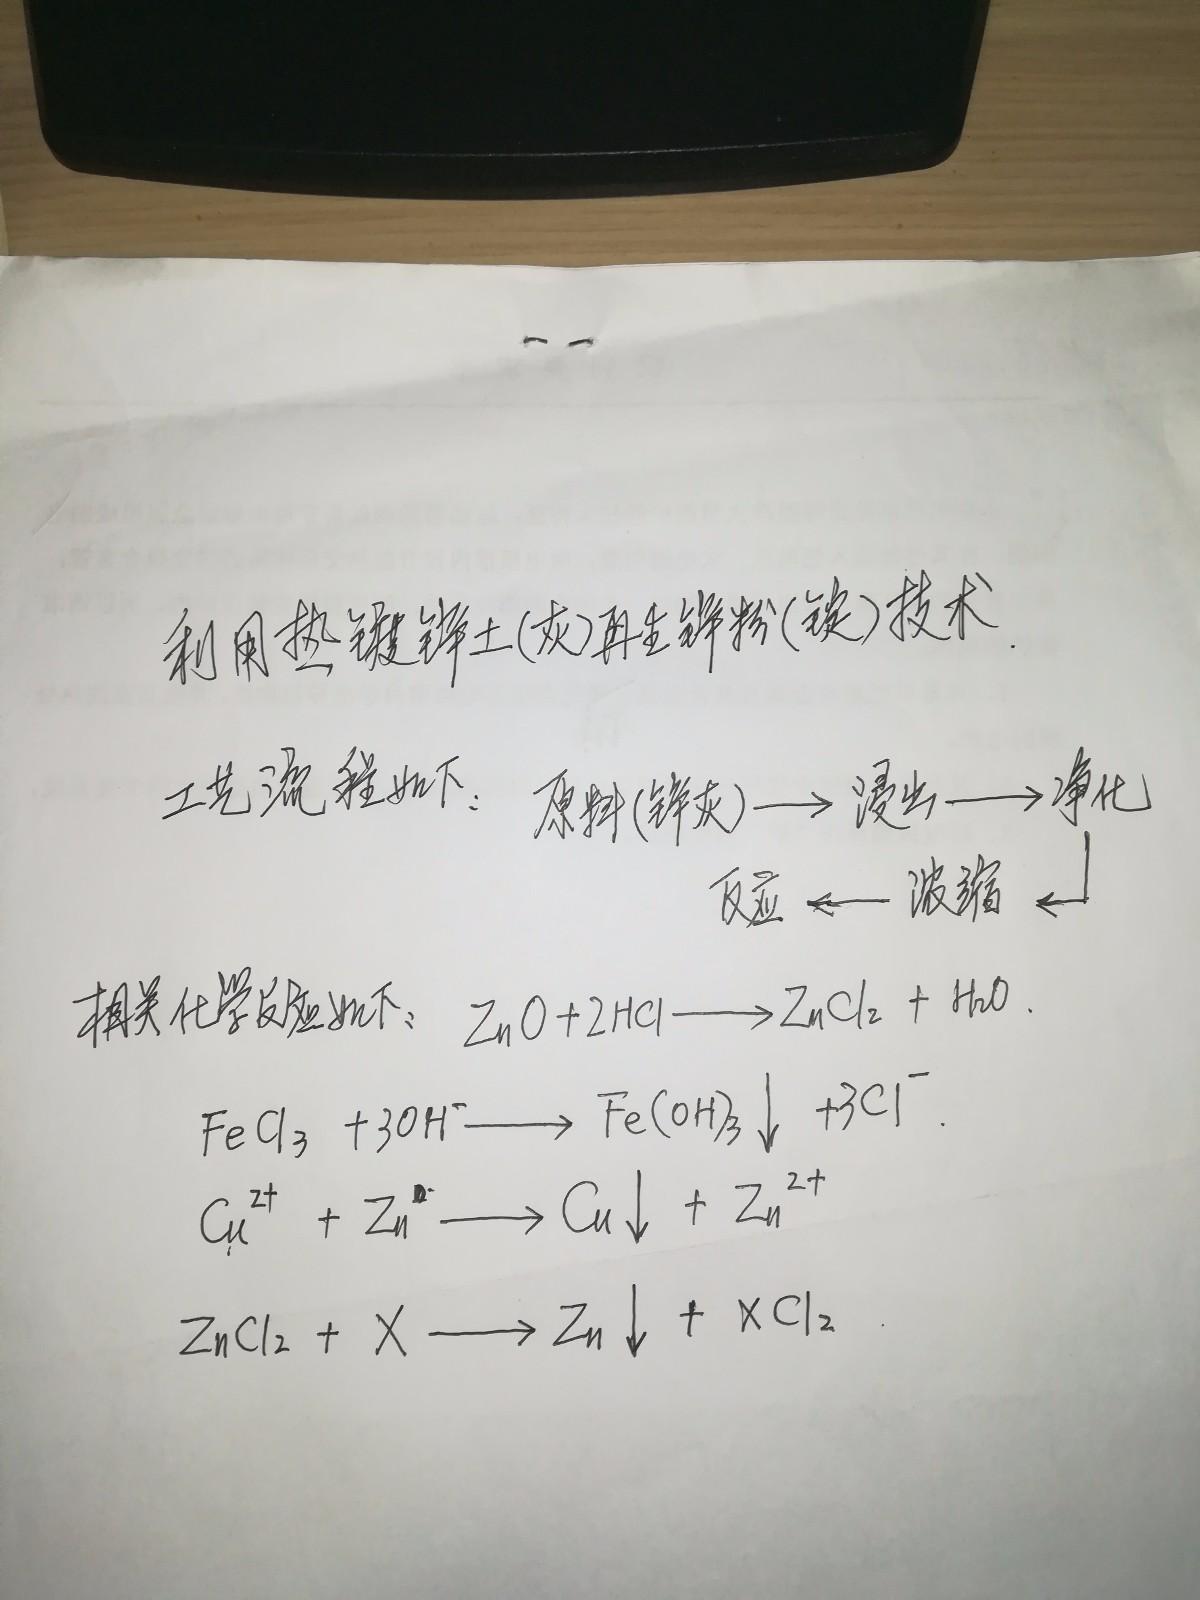 工艺流程及化学反应